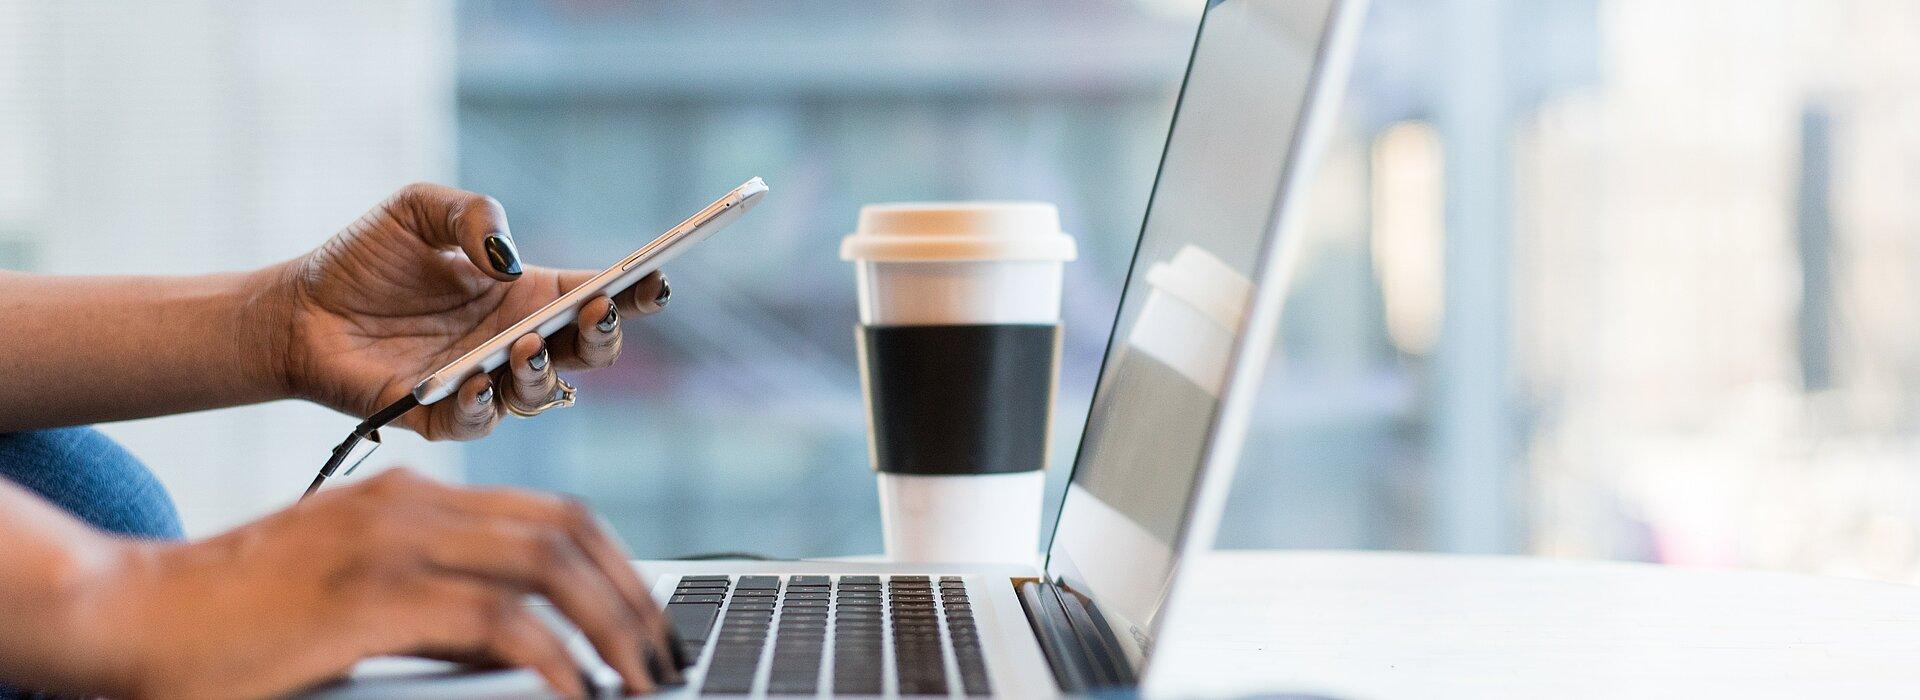 mulher trabalhando com celular e notebook